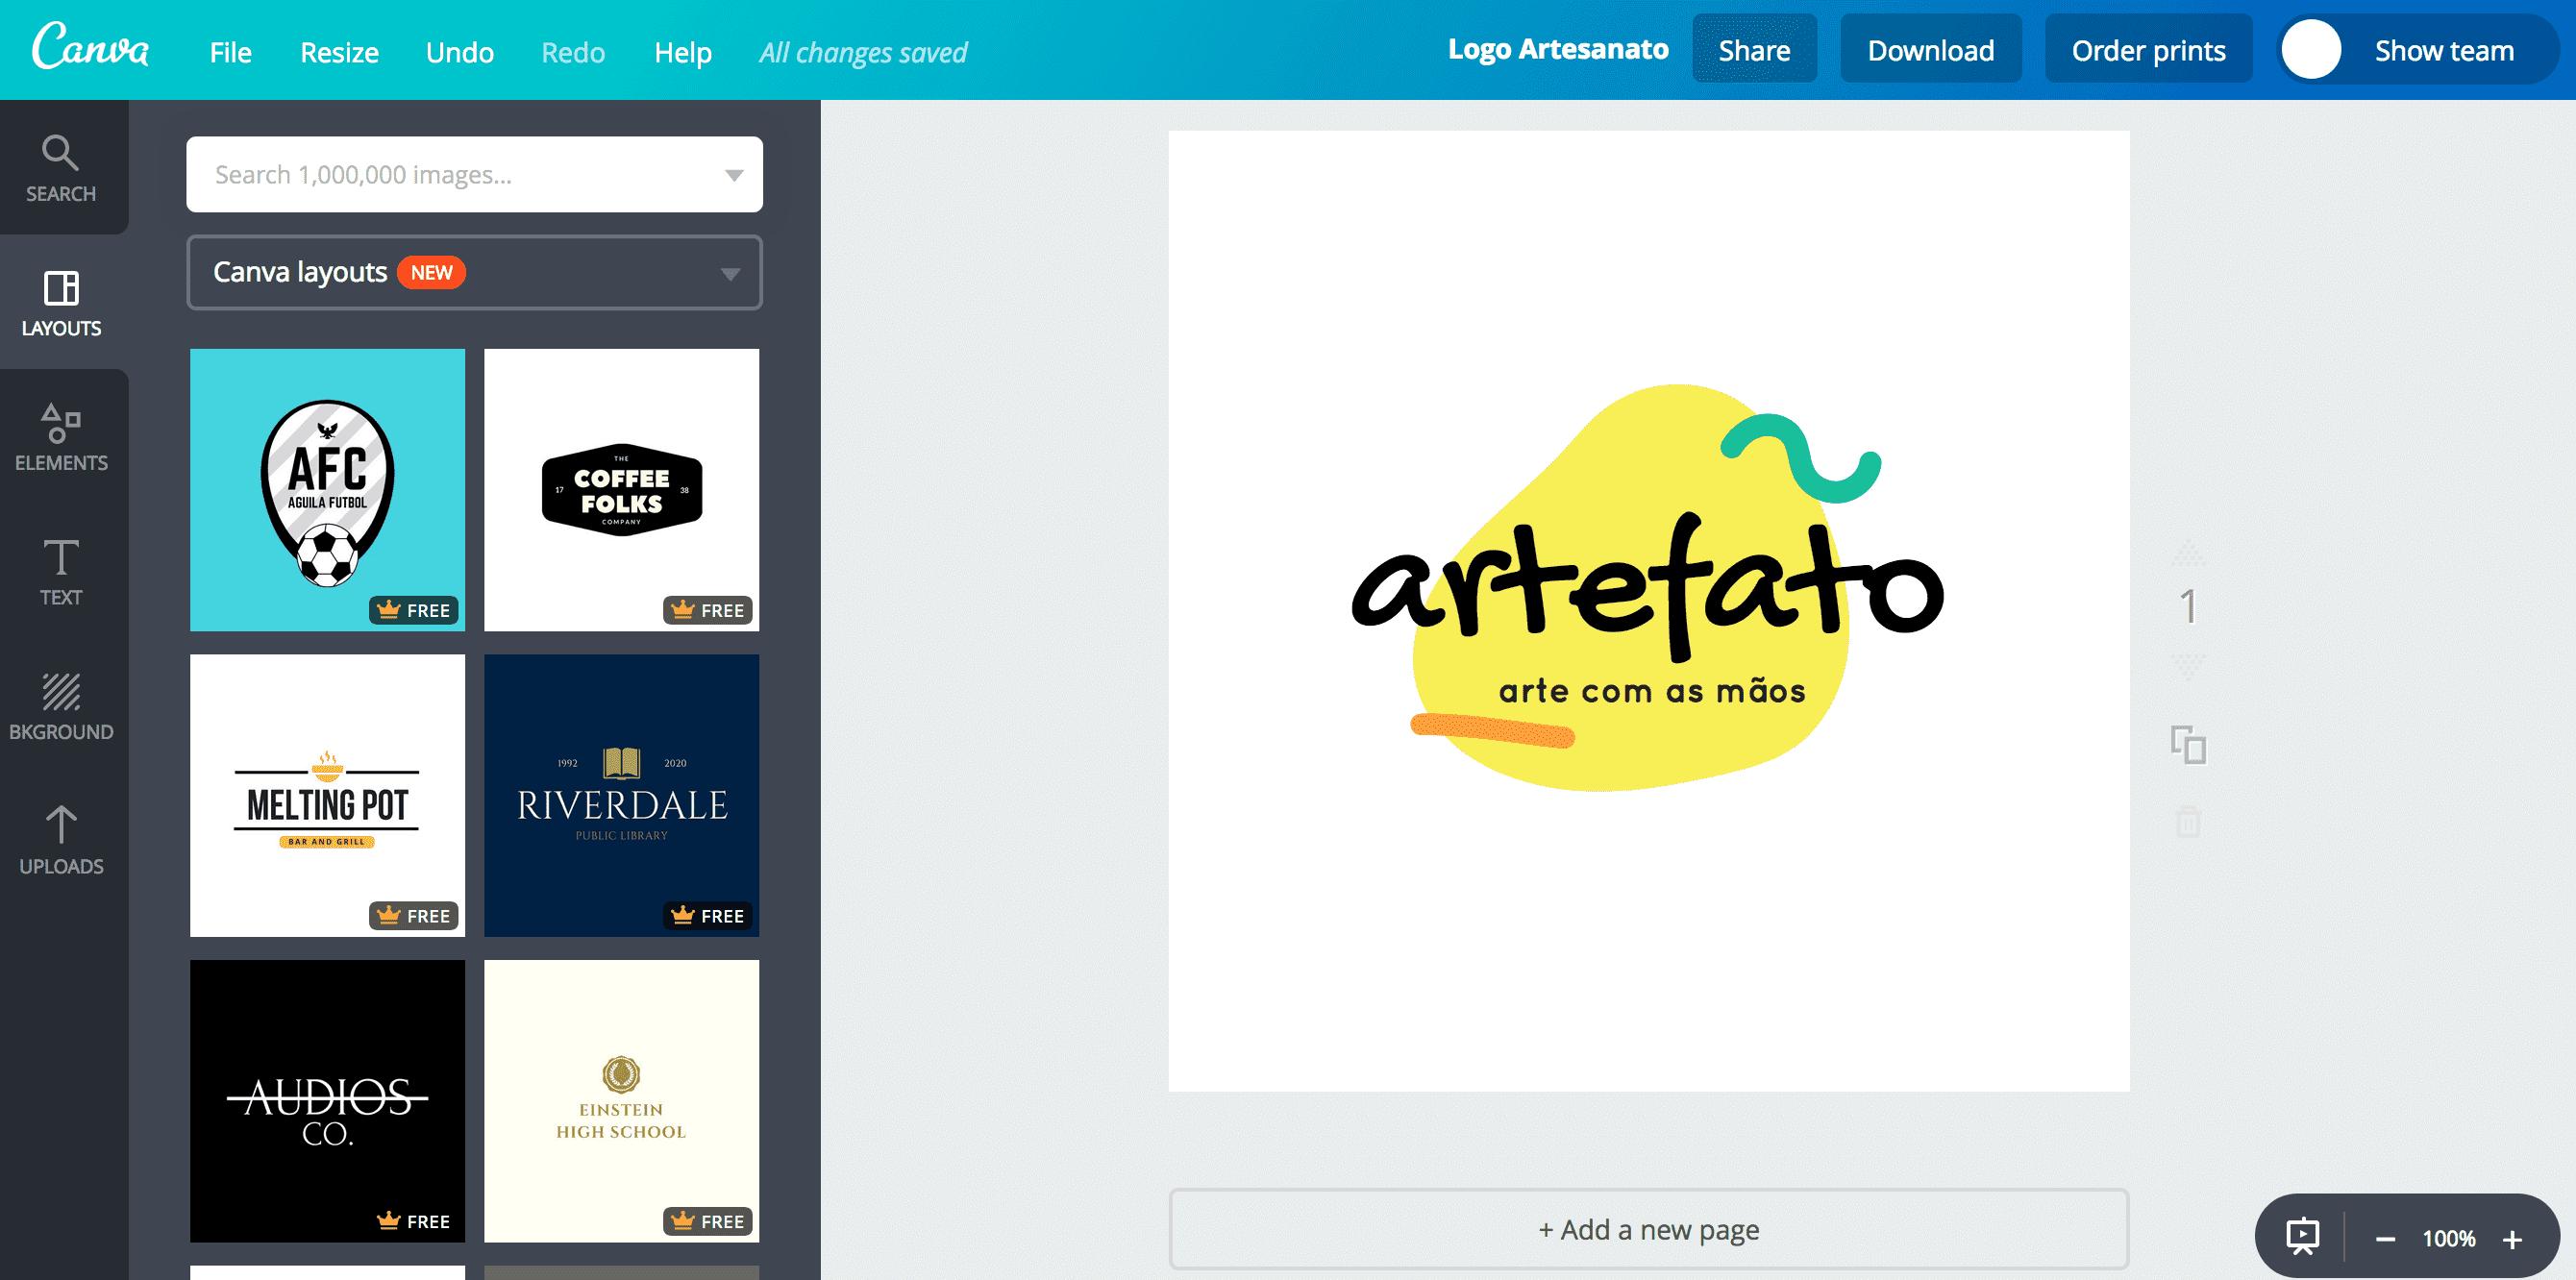 Logo de artesanato